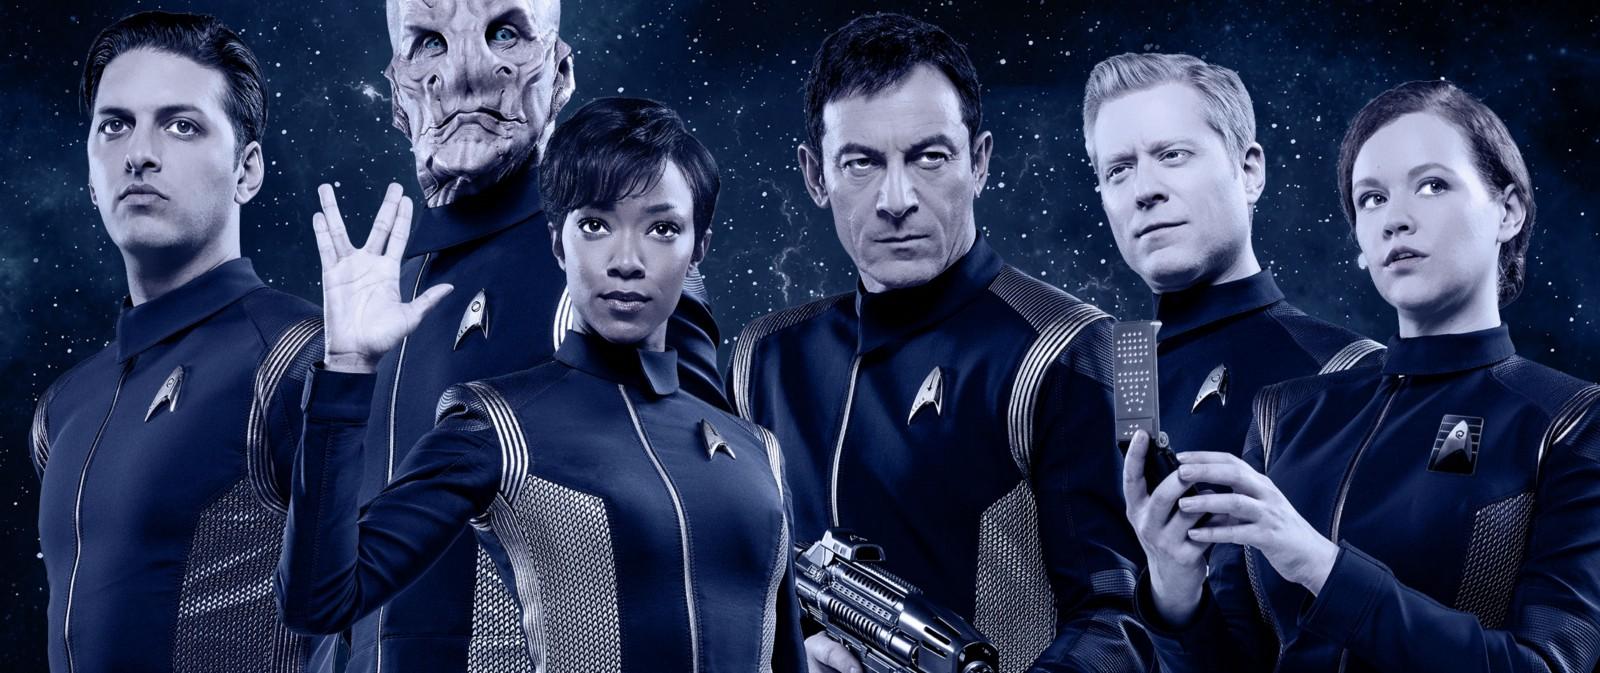 Zvezdne steze: Discovery (Star Trek: Discovery, 1. sezona)